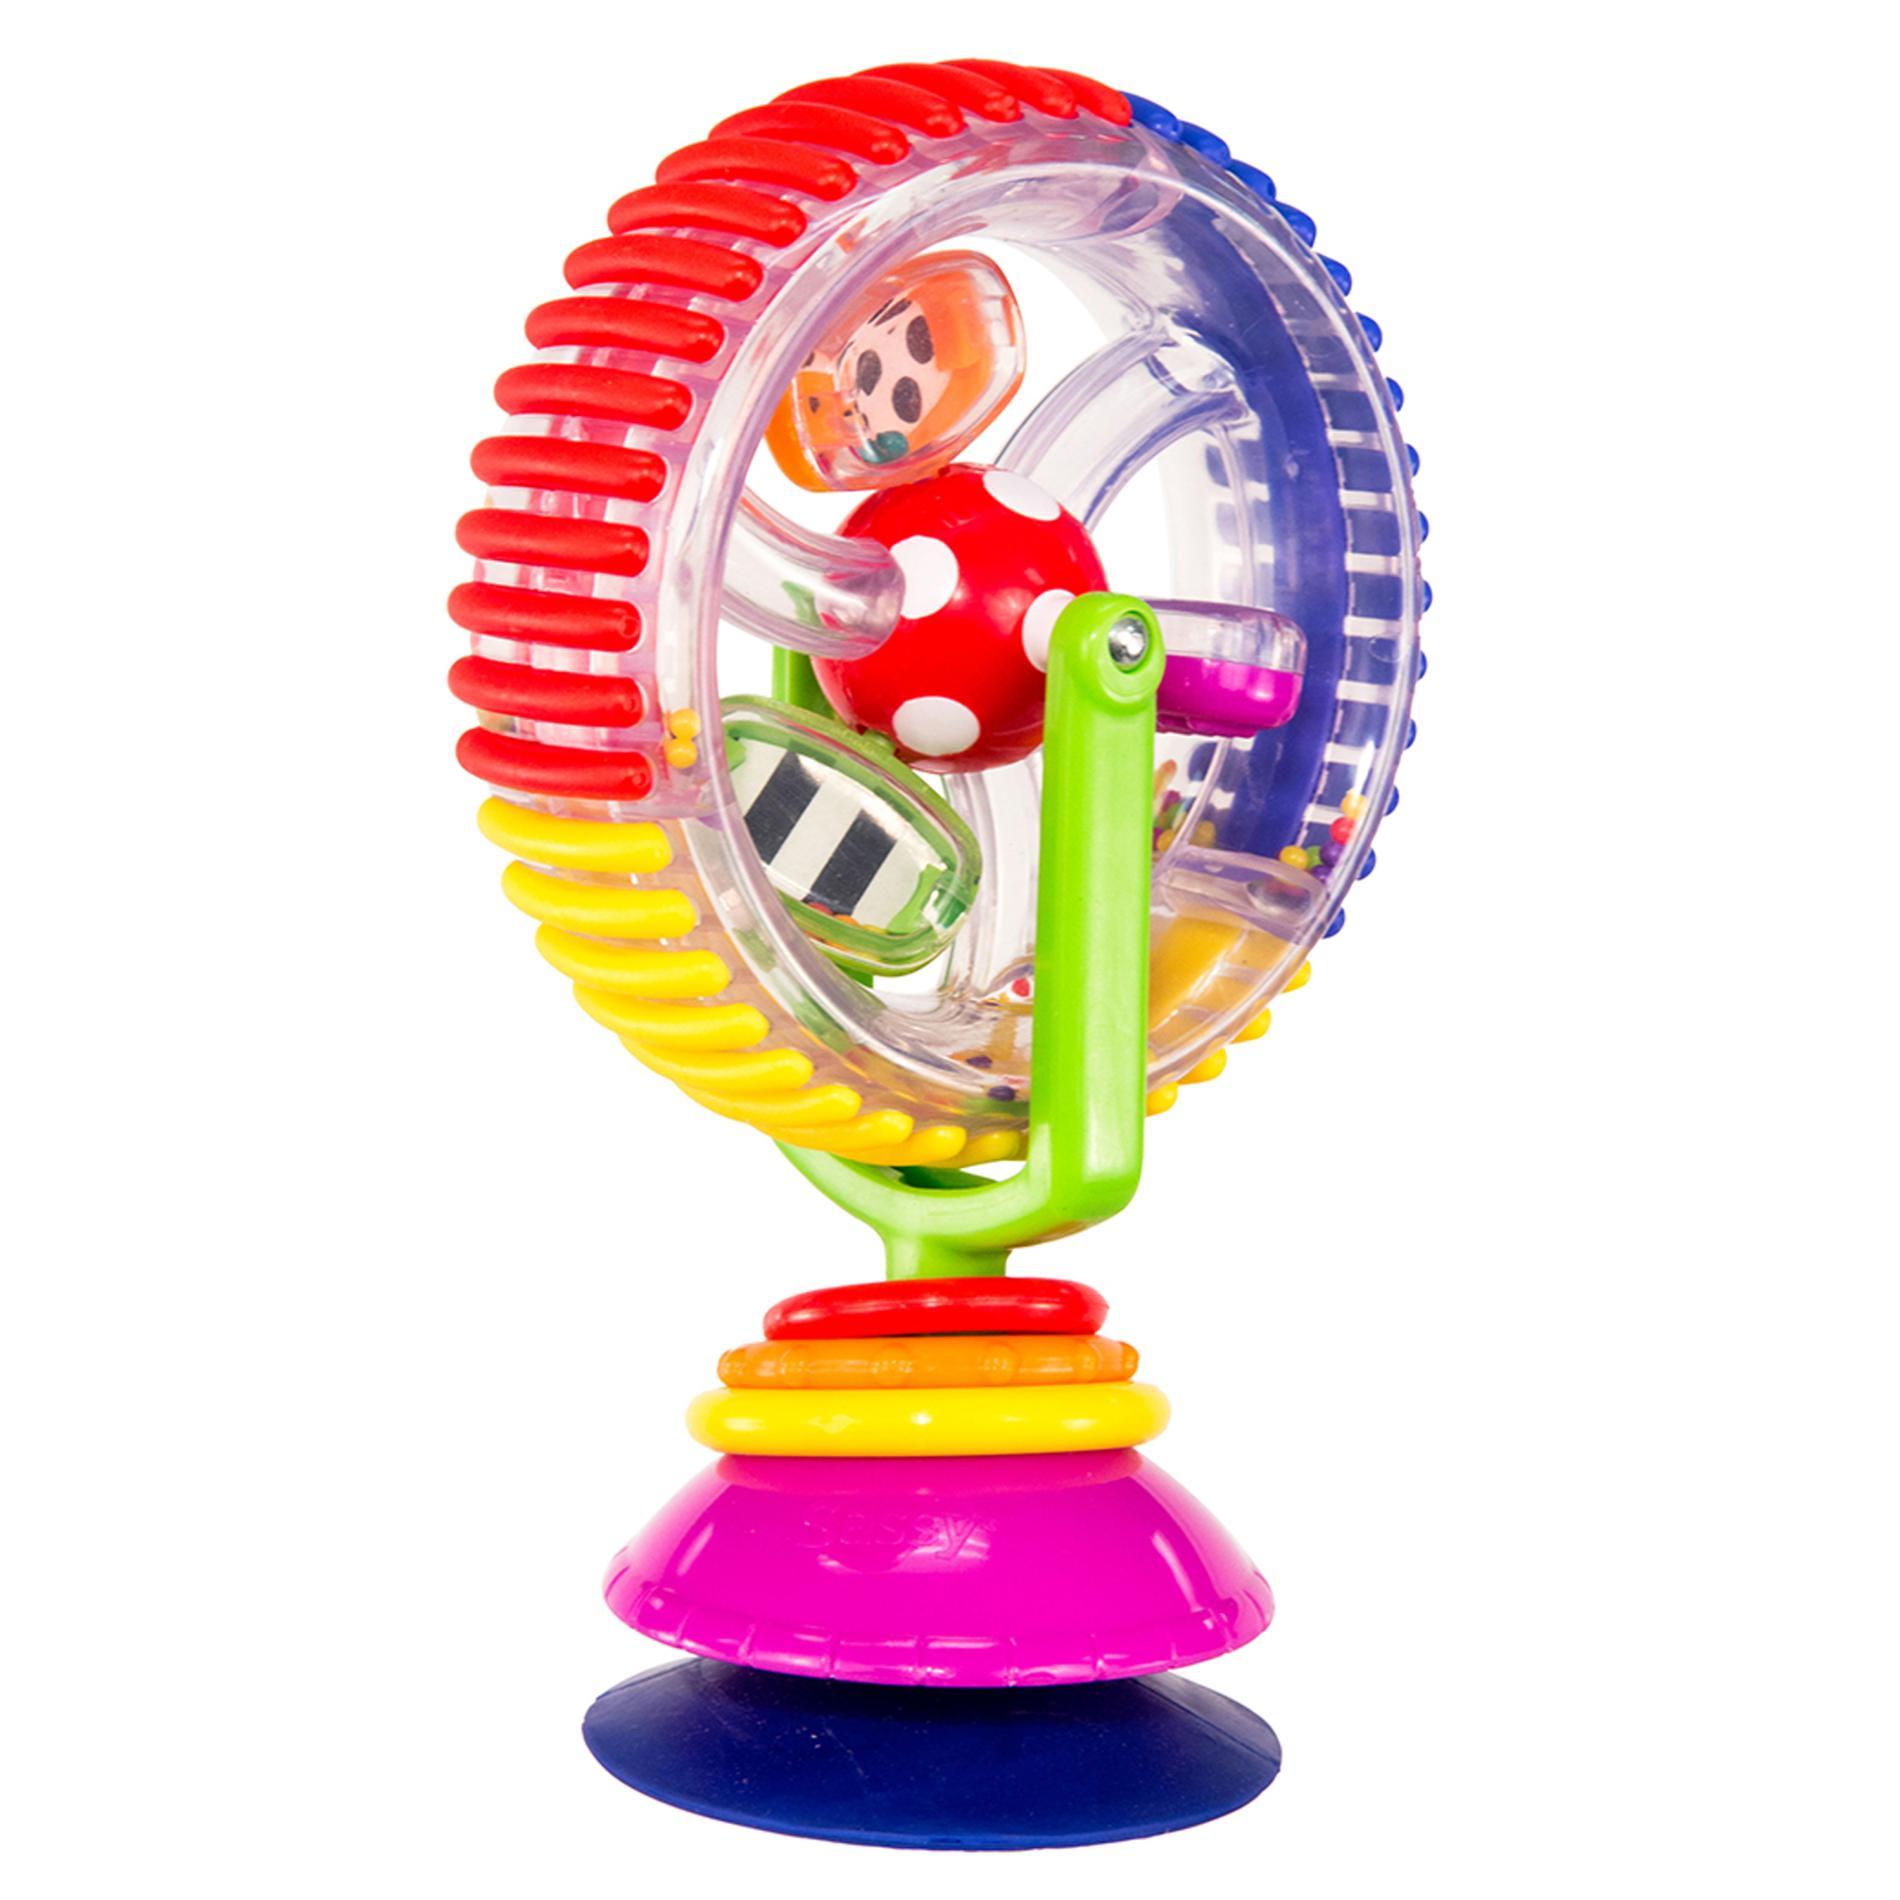 Sassy Infants Wonder Wheel Toy